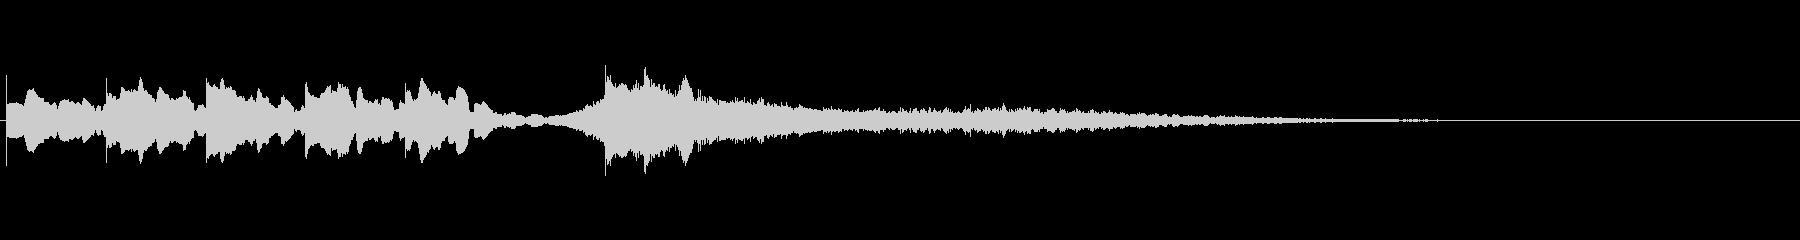 【サウンドロゴ】ベル系シンセ_03の未再生の波形